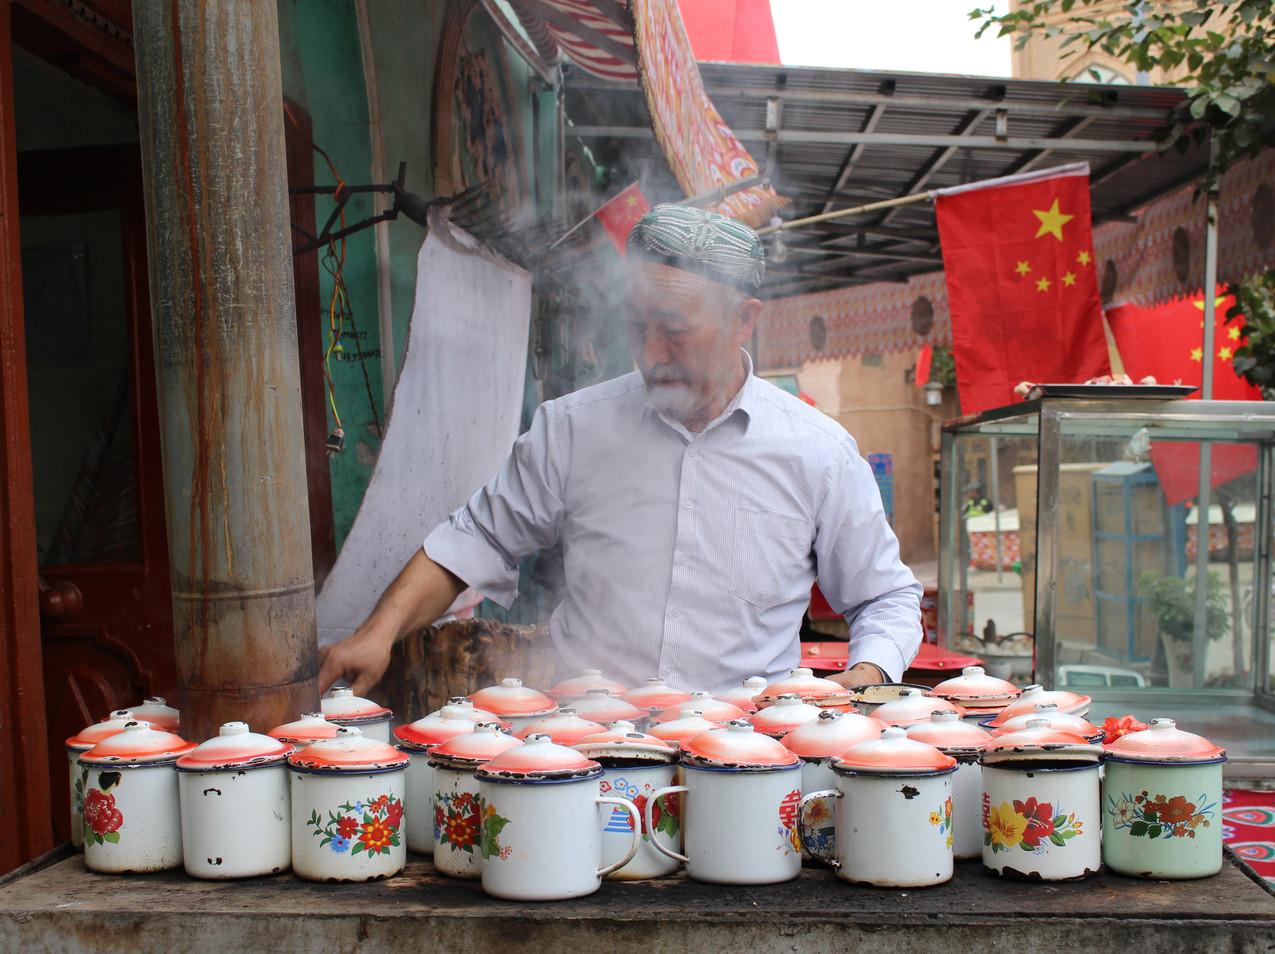 אויגורי מכין מרק מסורתי בתוך ספלים